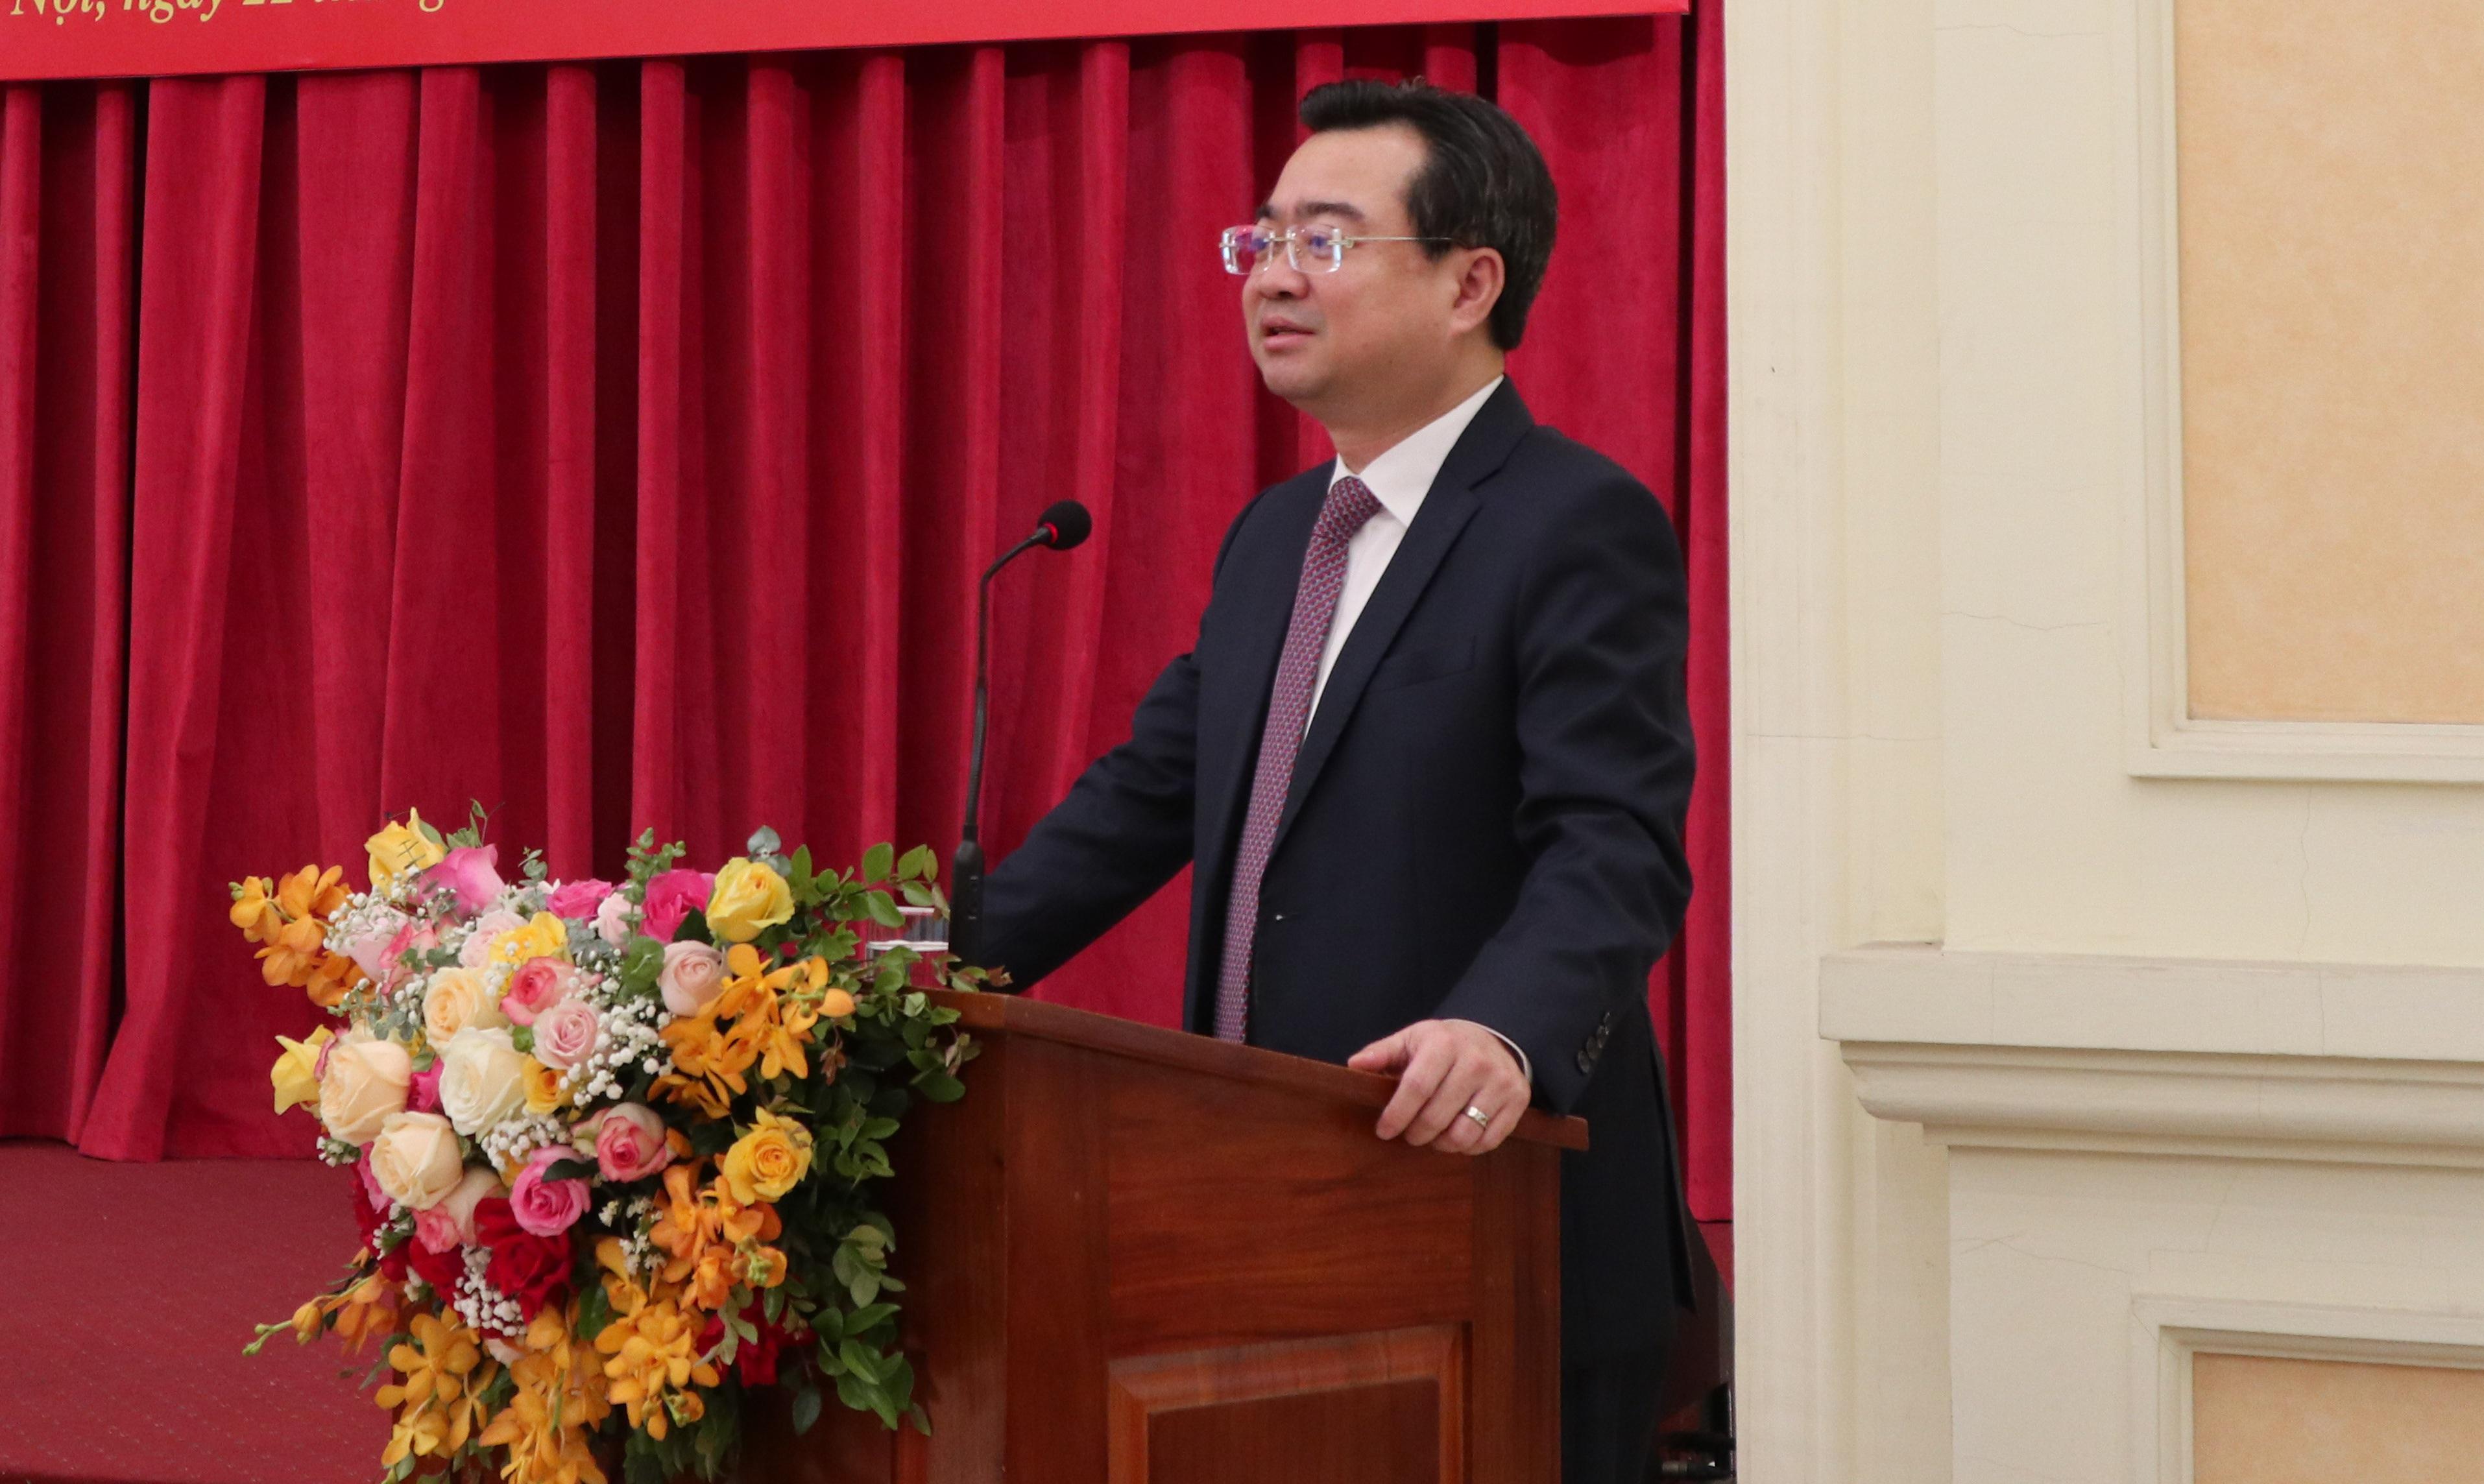 Tân Bộ trưởng Xây dựng: Bất động sản có biến động nhưng đã dần ổn định